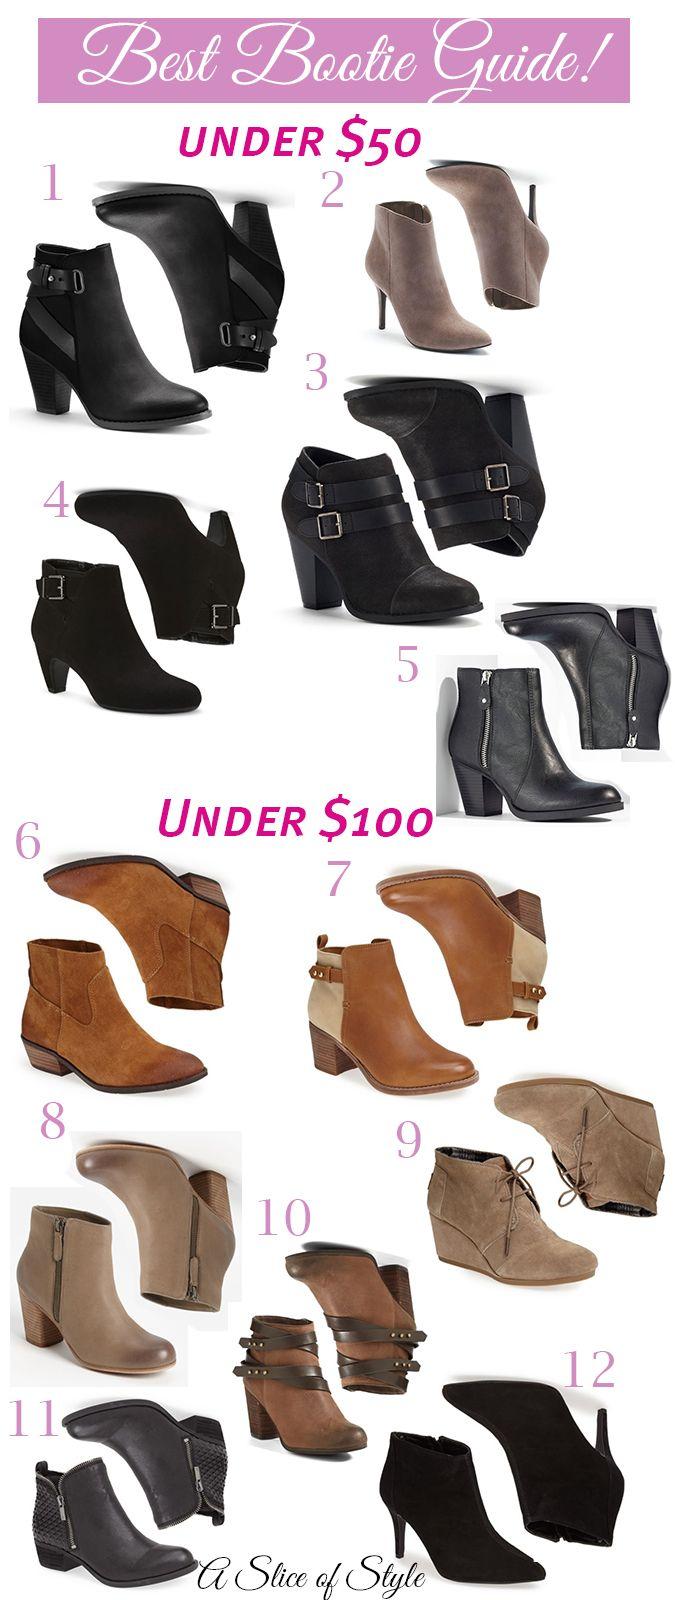 The best booties under $100!